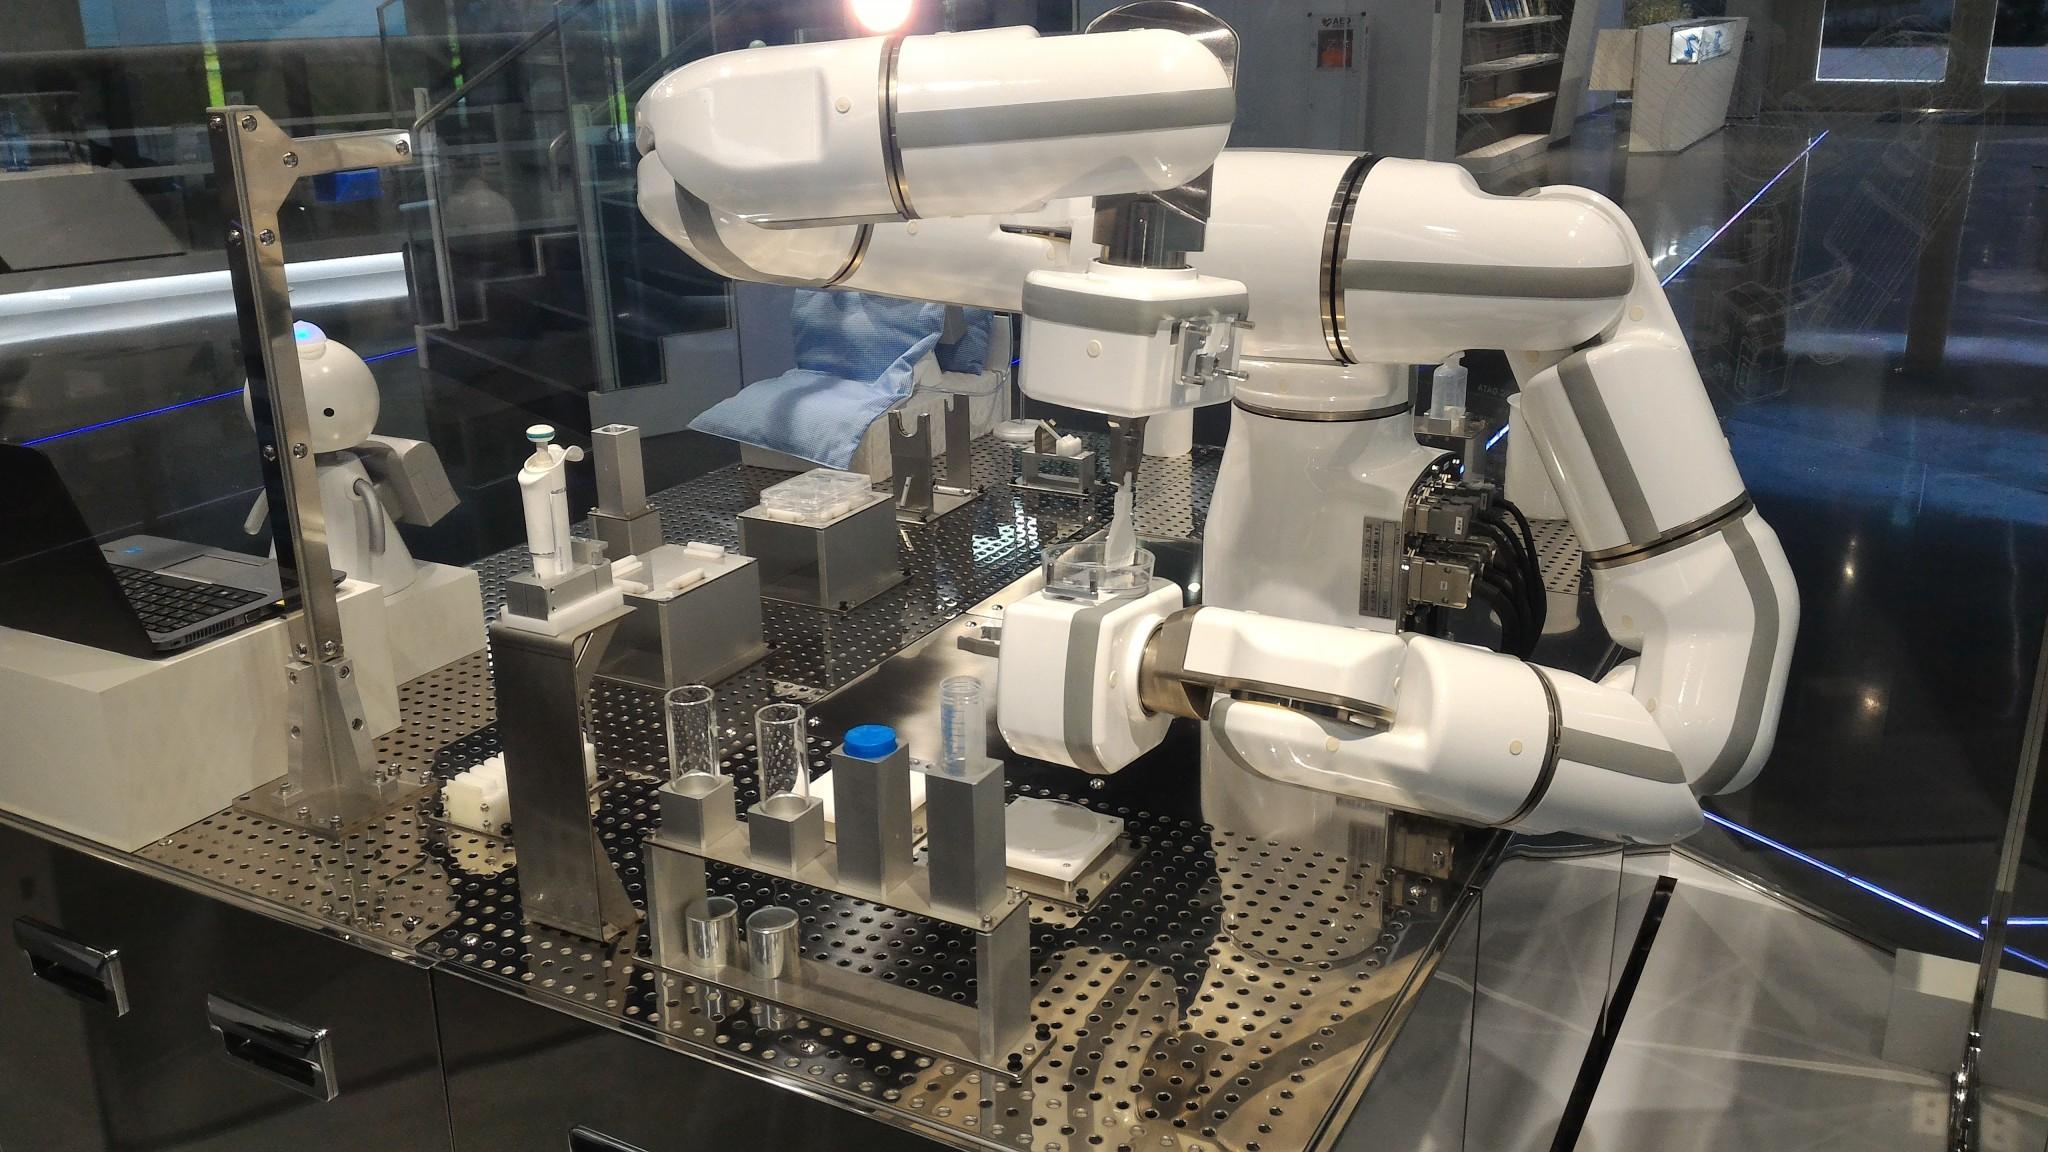 安川電機様のロボット撮影をいたしました